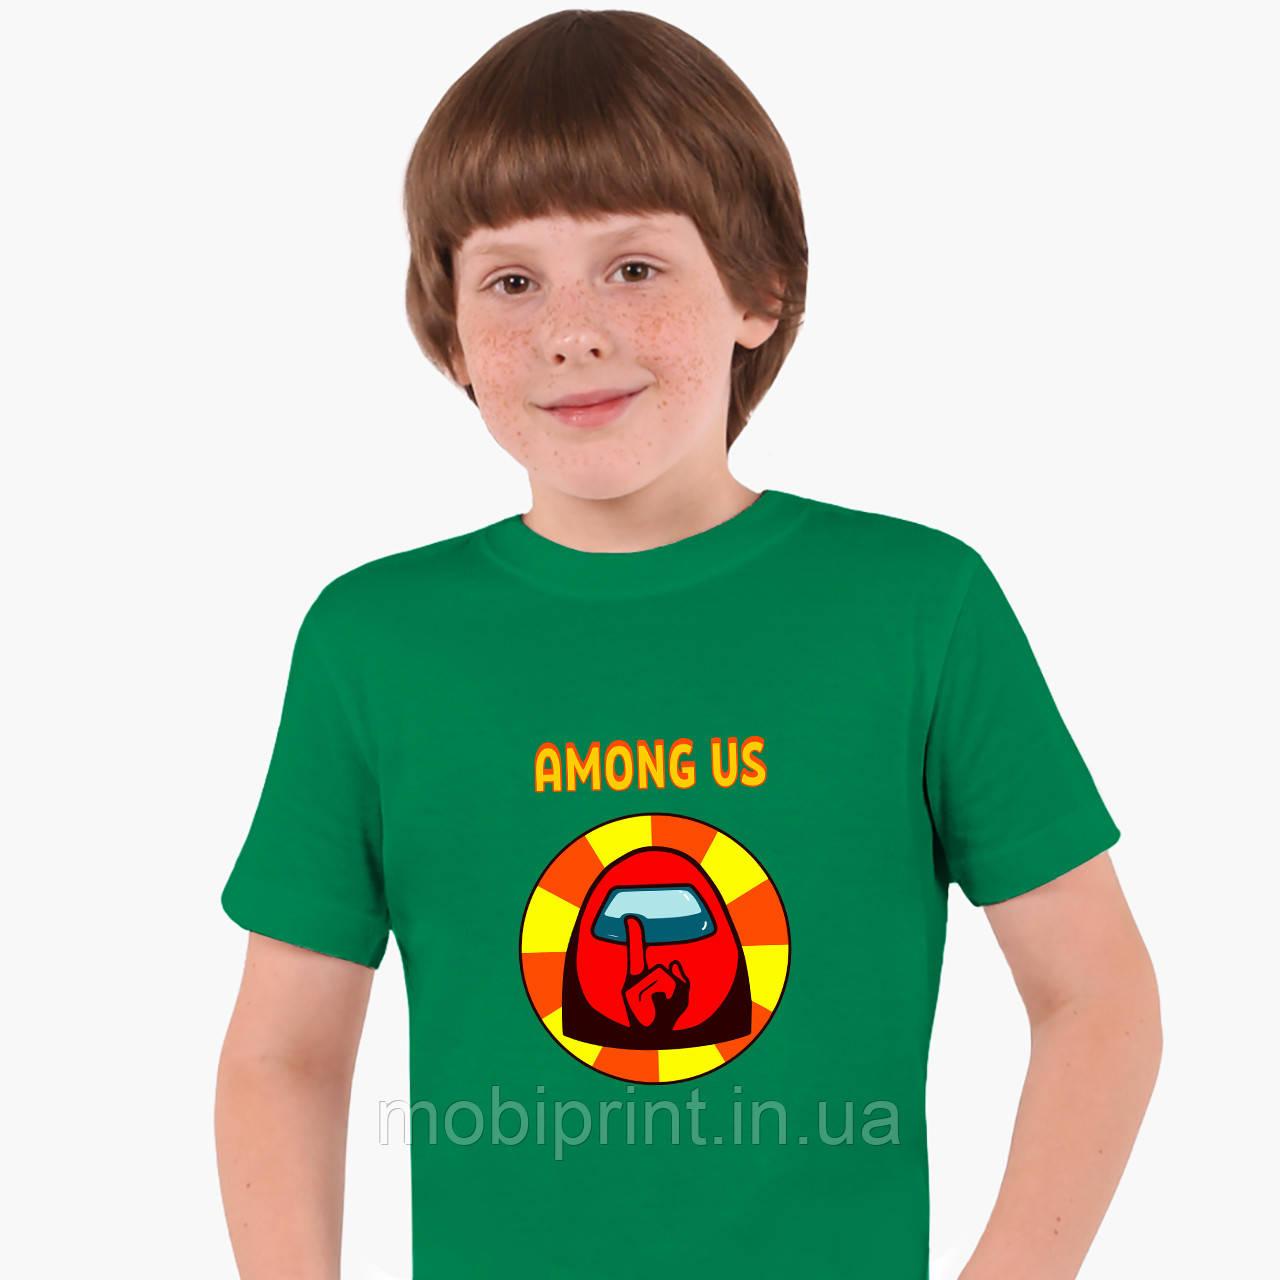 Дитяча футболка для хлопчиків Амонг Червоний Ас (Among Us Red) (25186-2412-2) Зелений